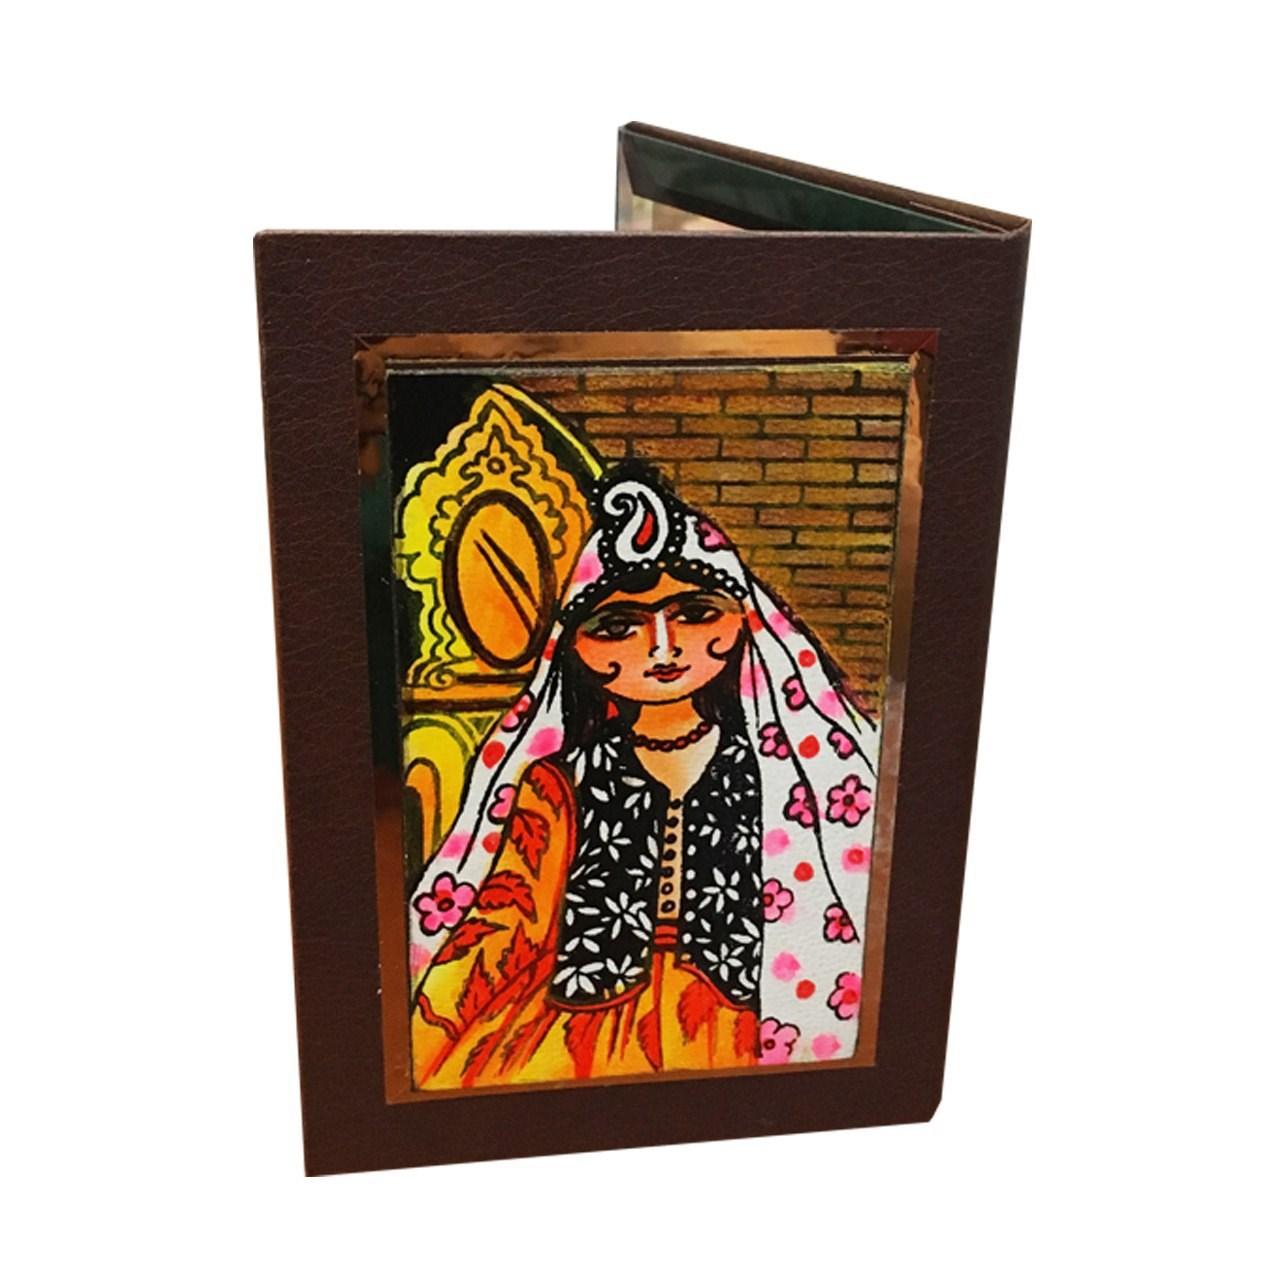 عکس آینه جیبی چرمی گالری نفیس کد nz1